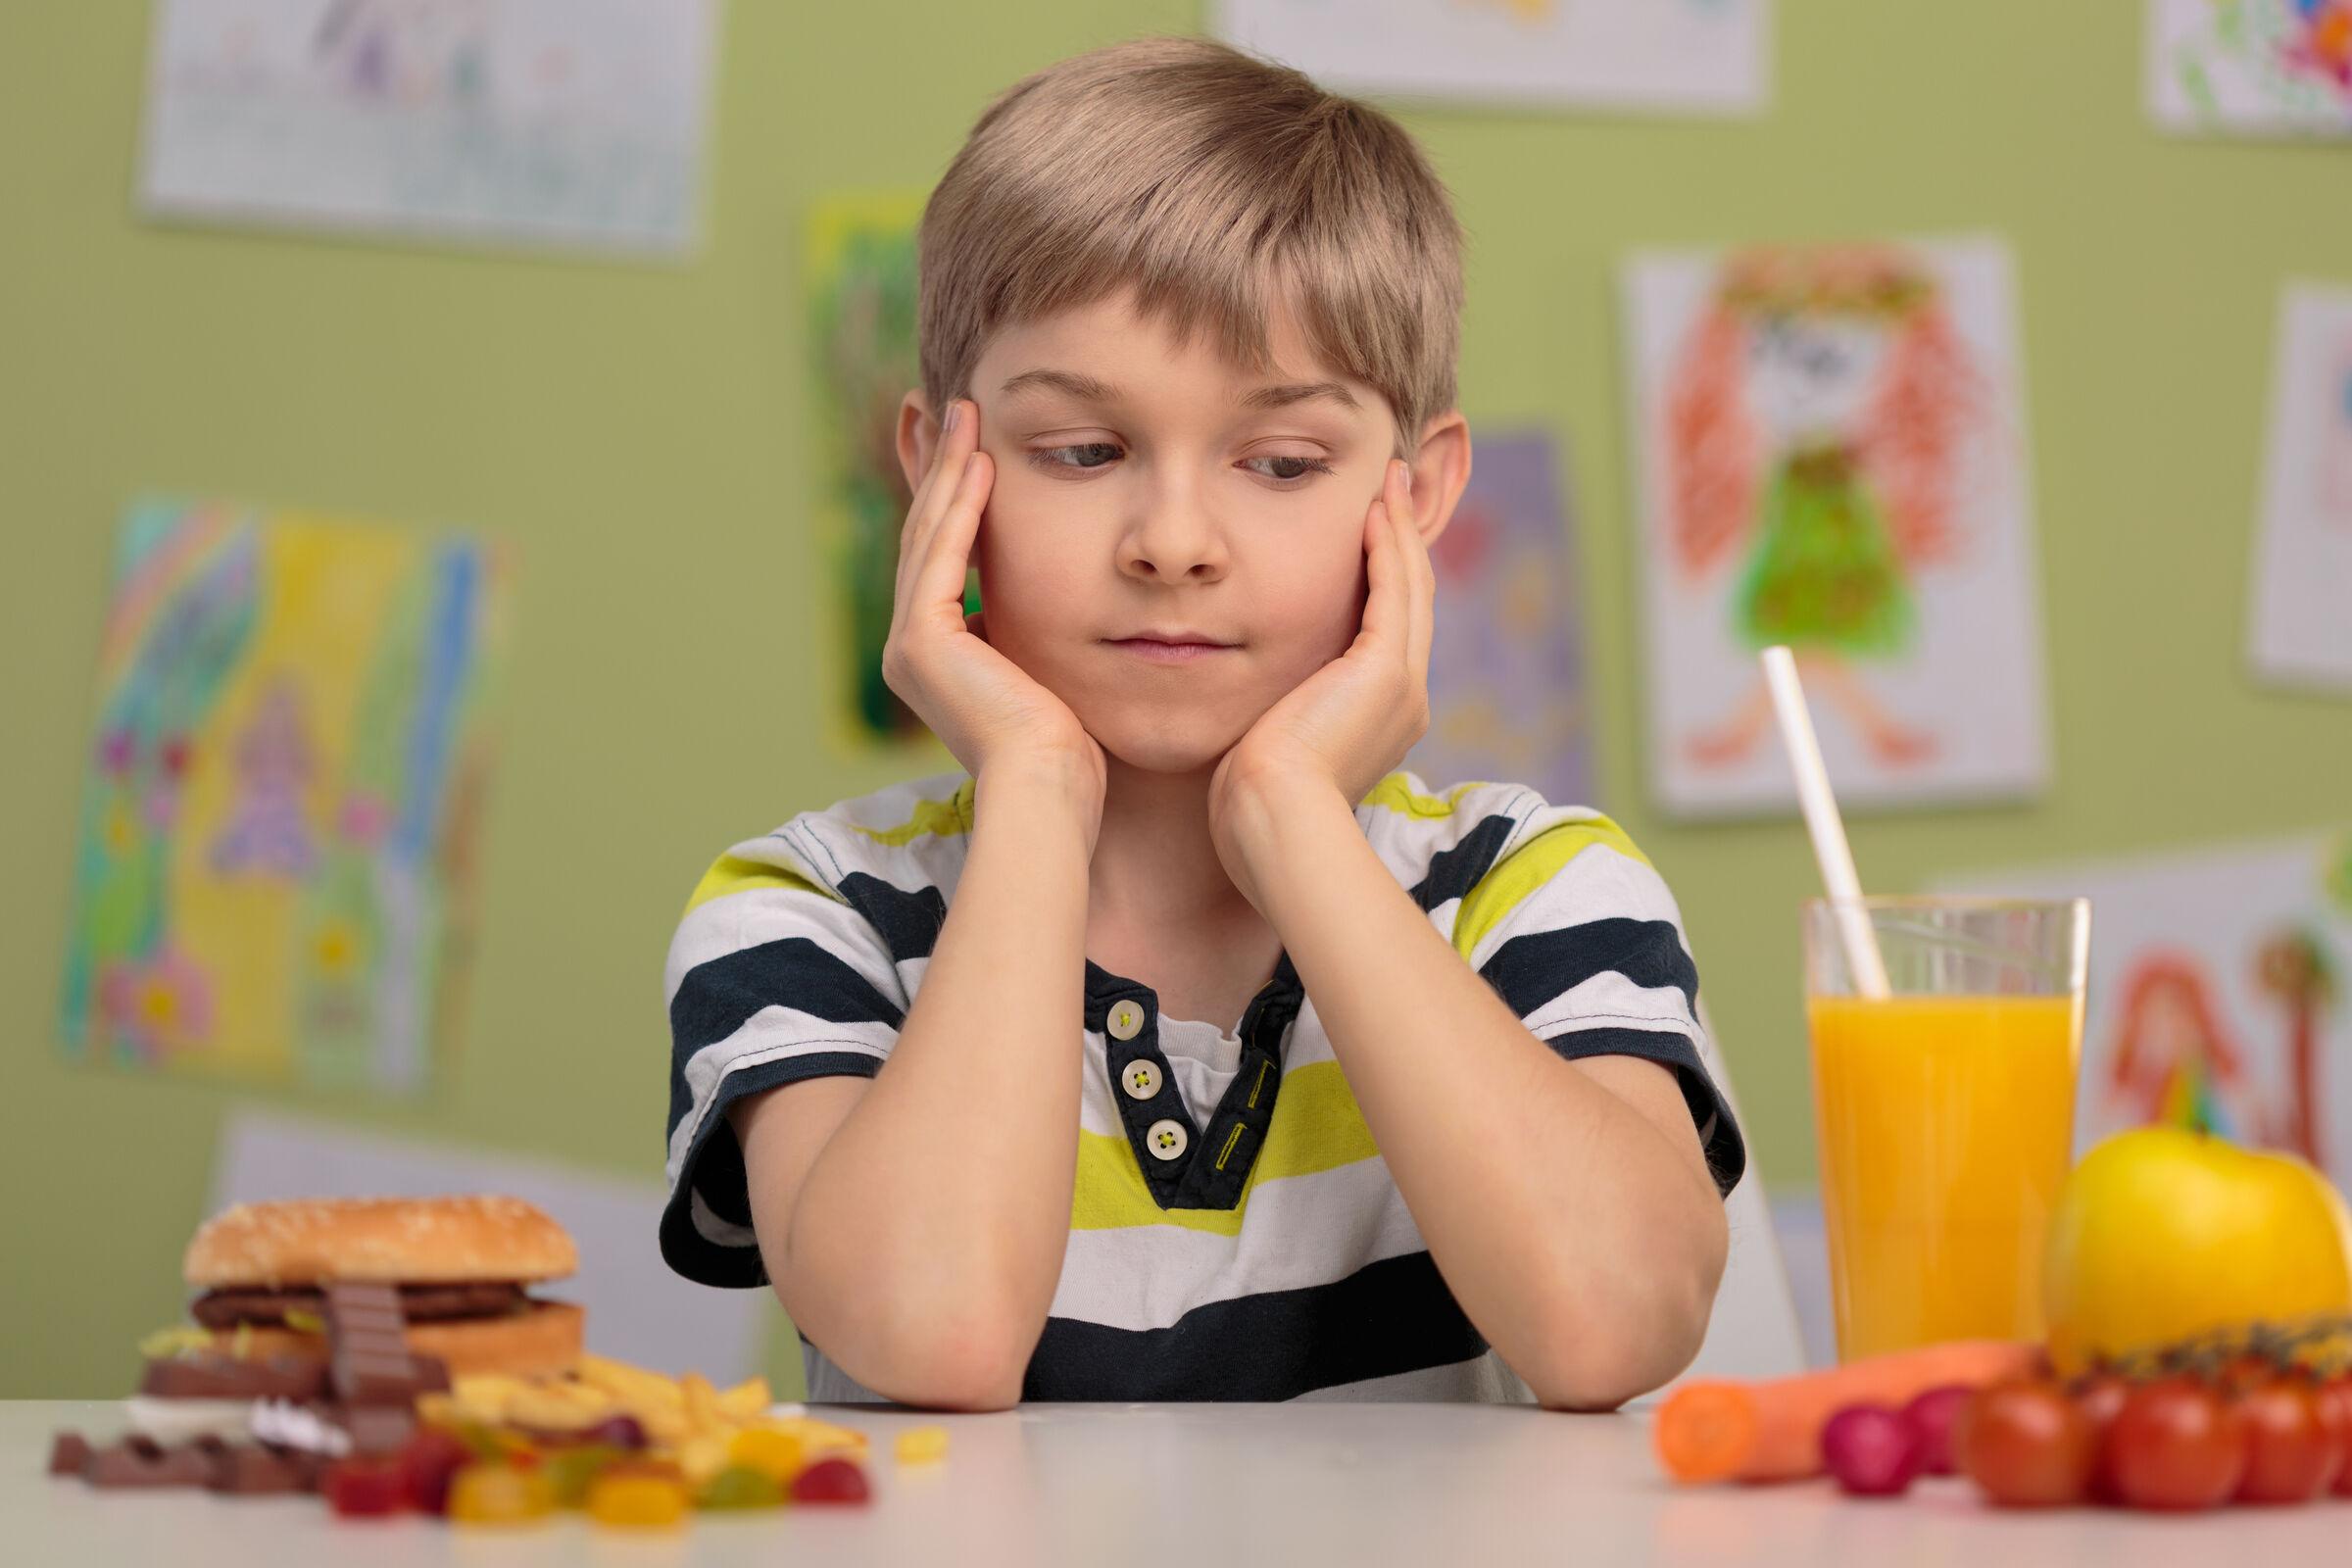 Criança indecisa entre guloseimas e comida saudável